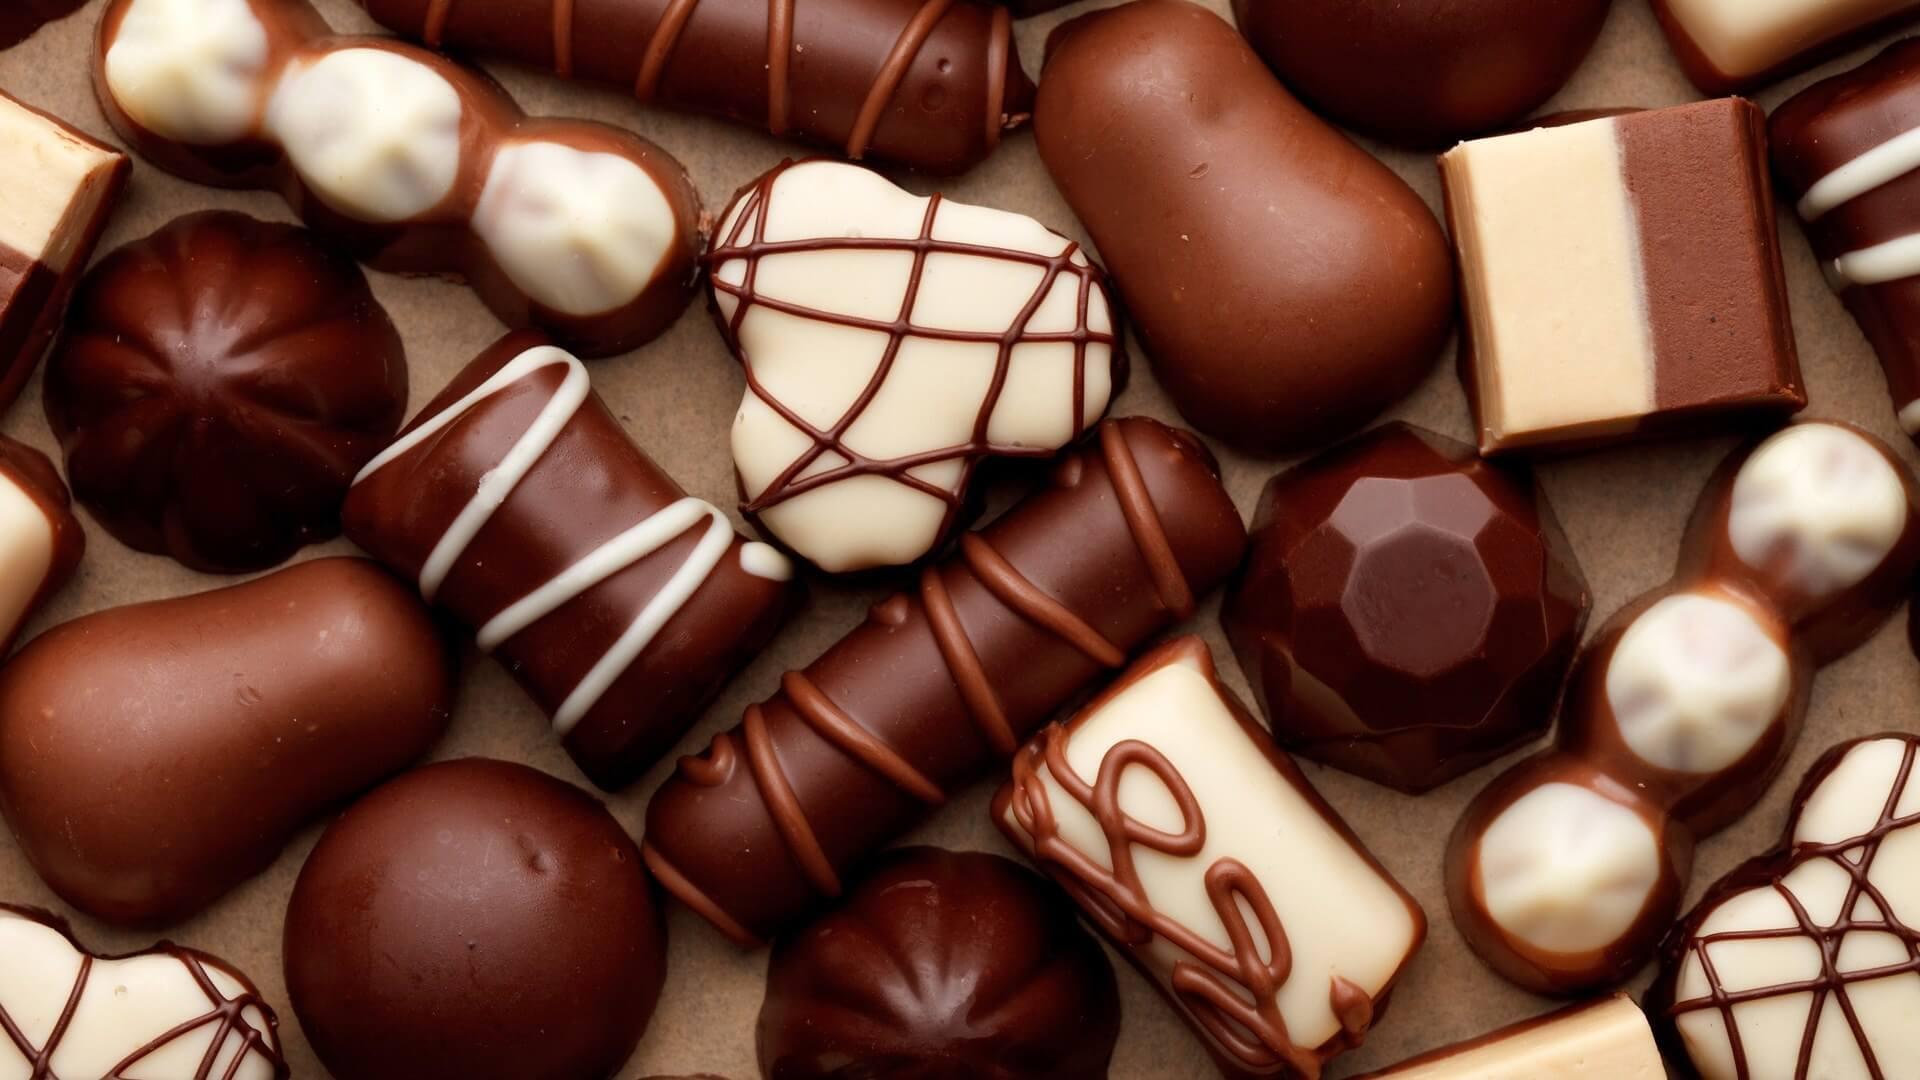 Chocolate sozinho não ajuda a melhorar nossa libido. No entanto, faz com que nosso corpo libere serotonina e endorfinas.